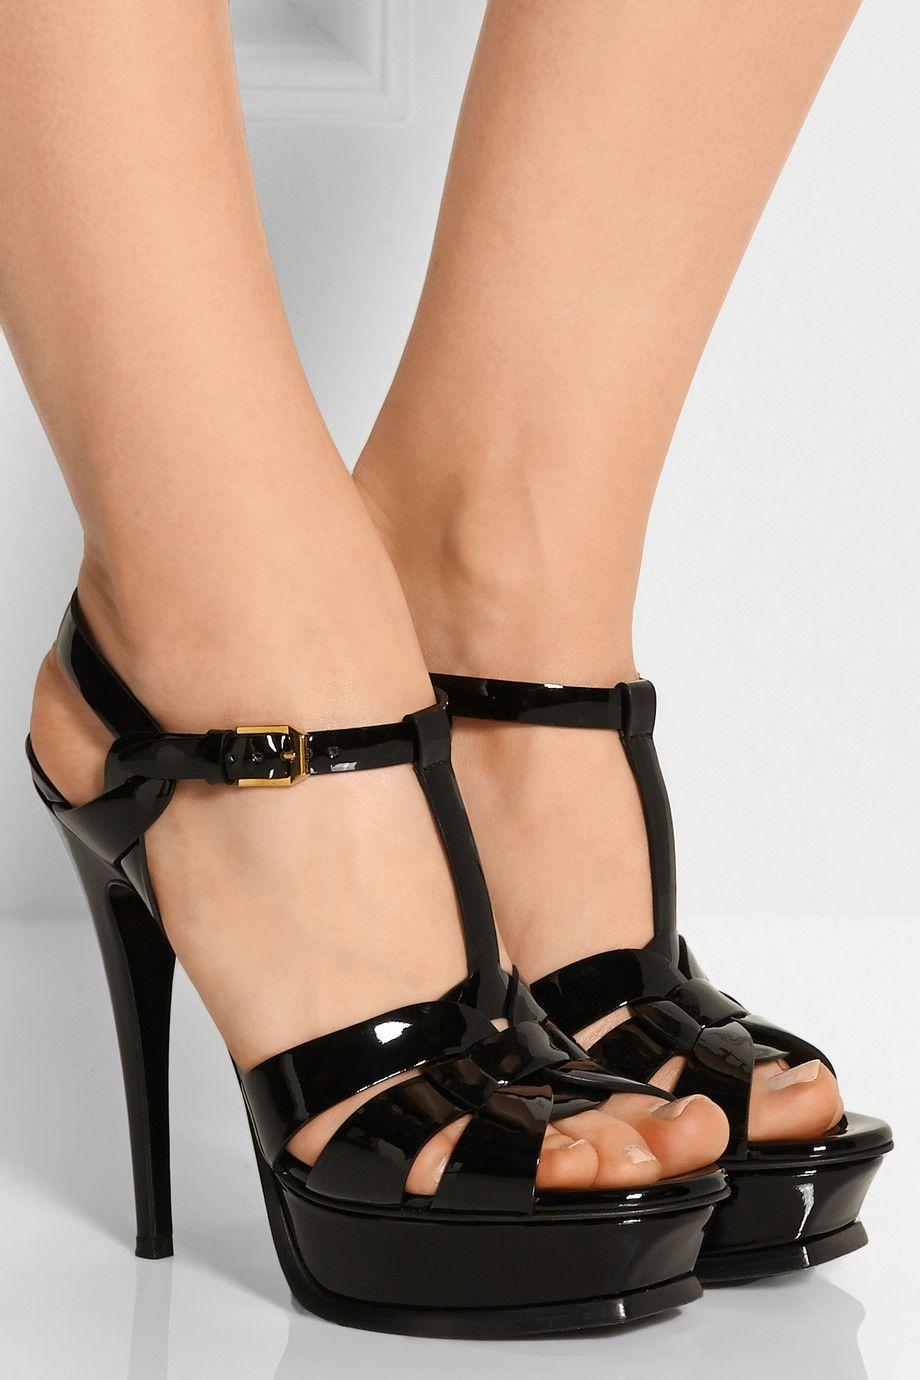 d77a834fafd SAINT LAURENT - Tribute patent-leather sandals | Footwear - Tribute ...